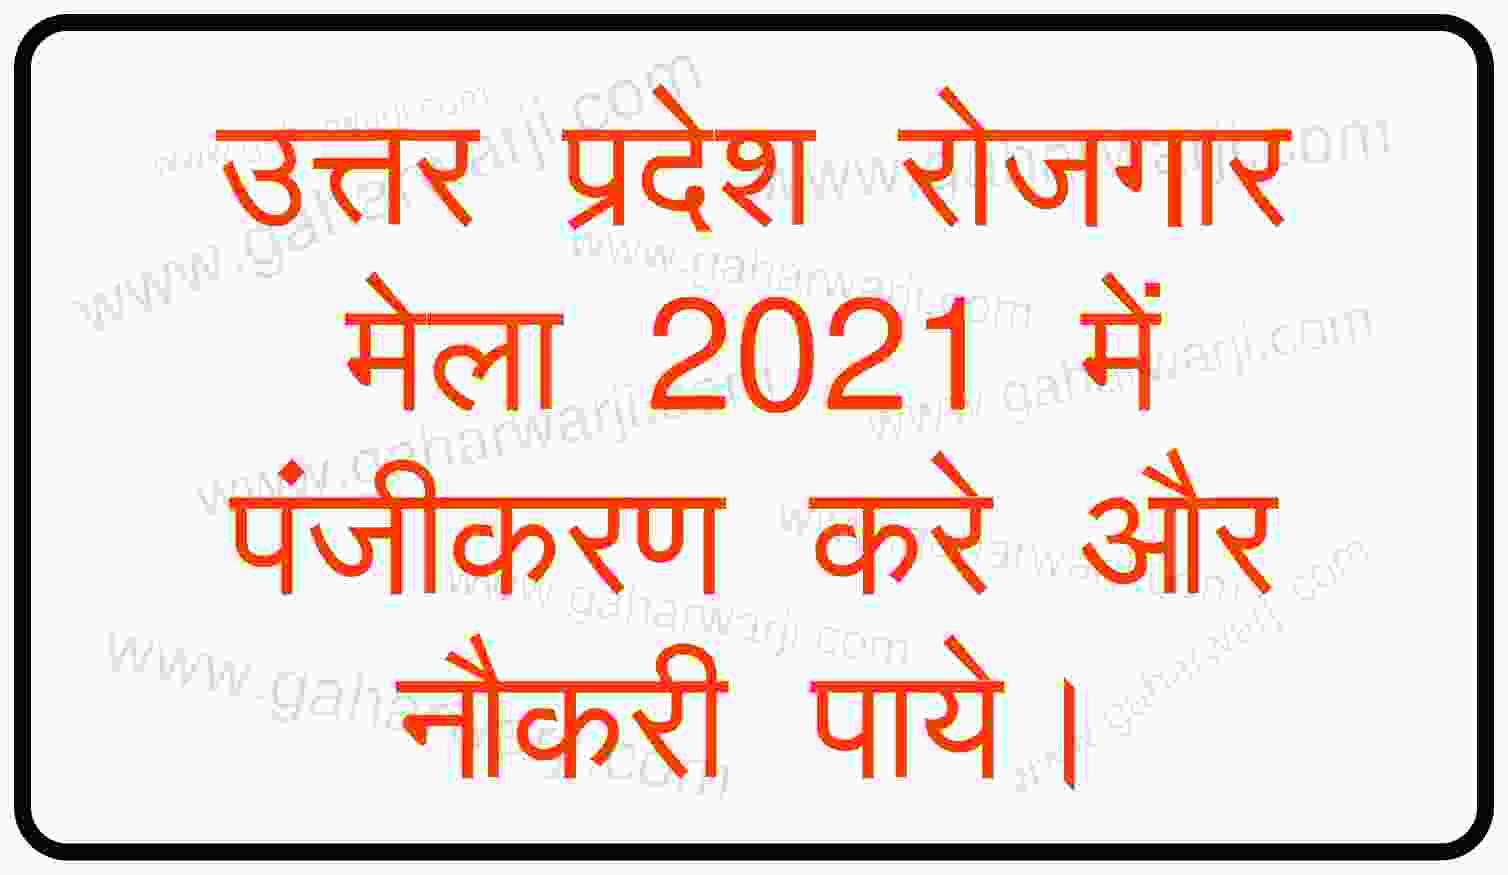 UP Rojgar Mela Bharti 2021